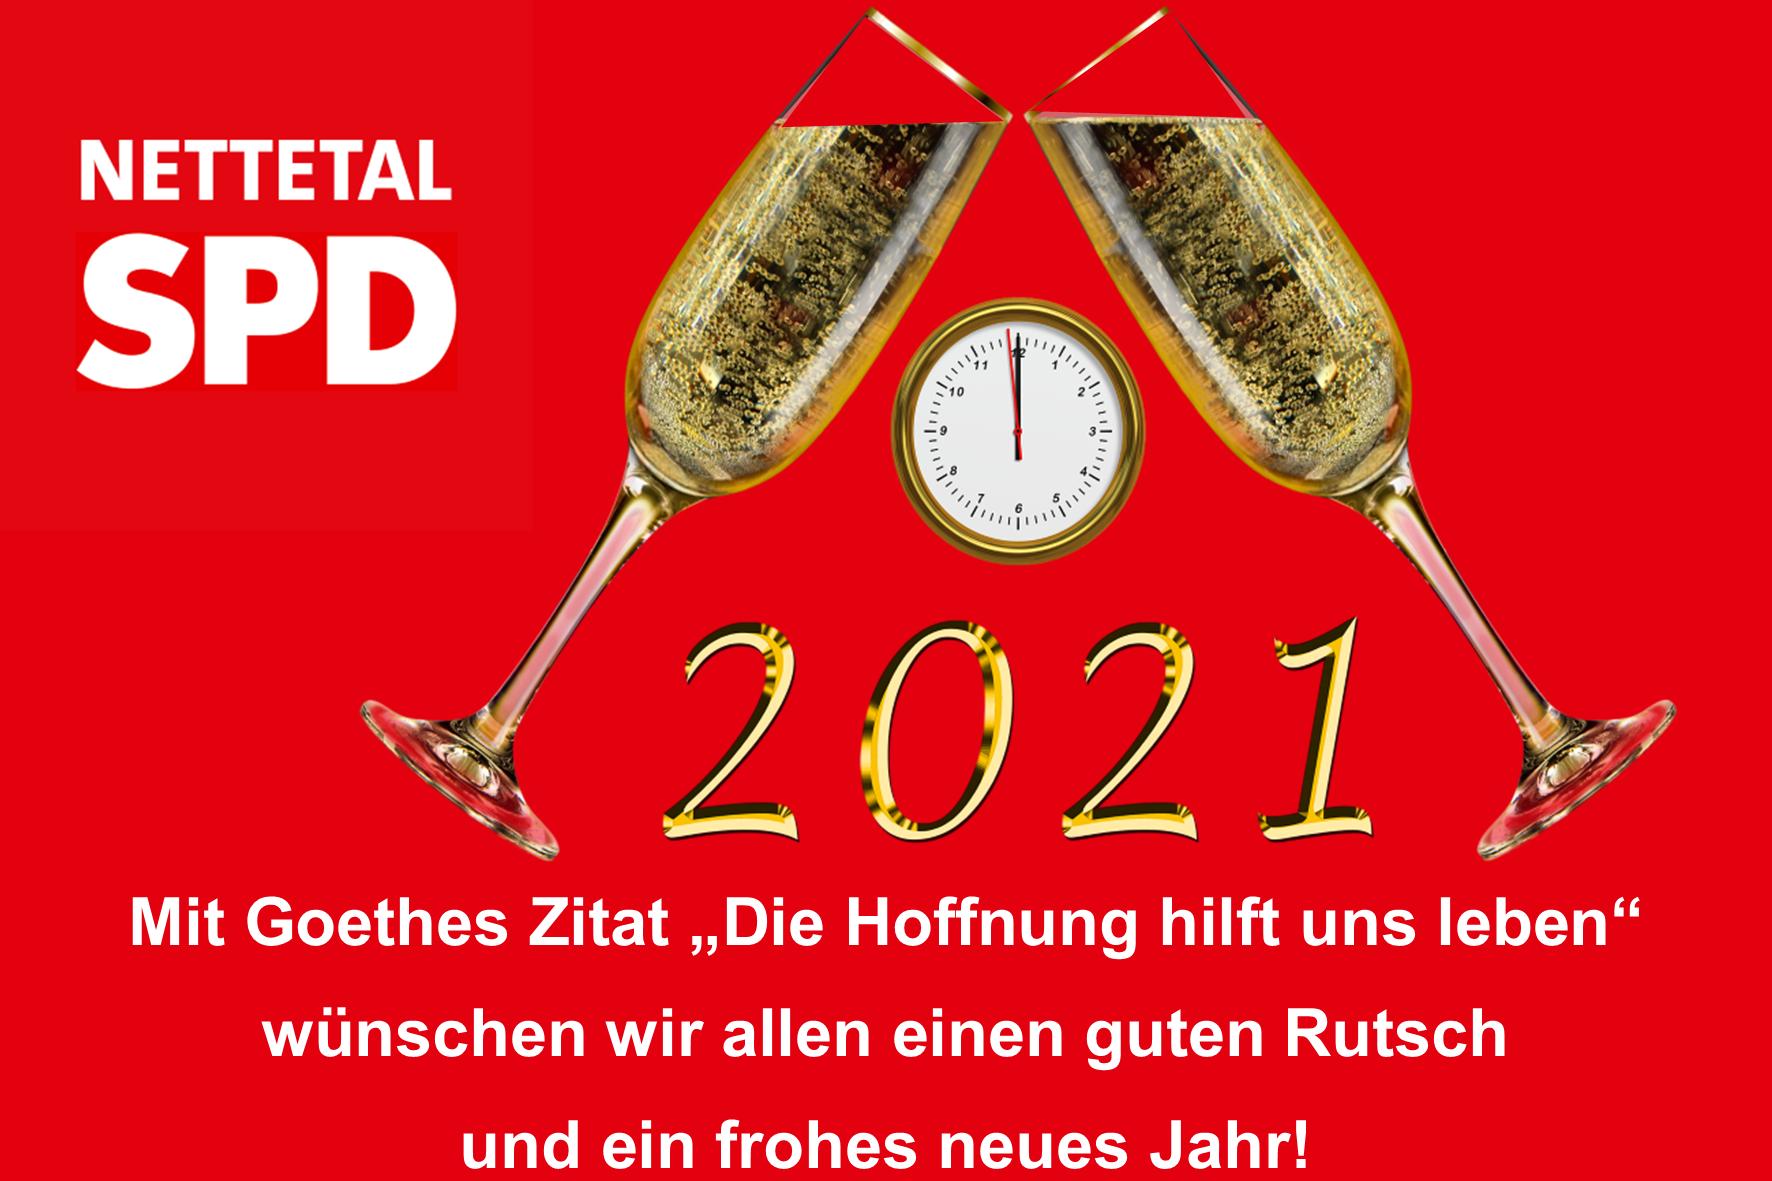 SPD Nettetal